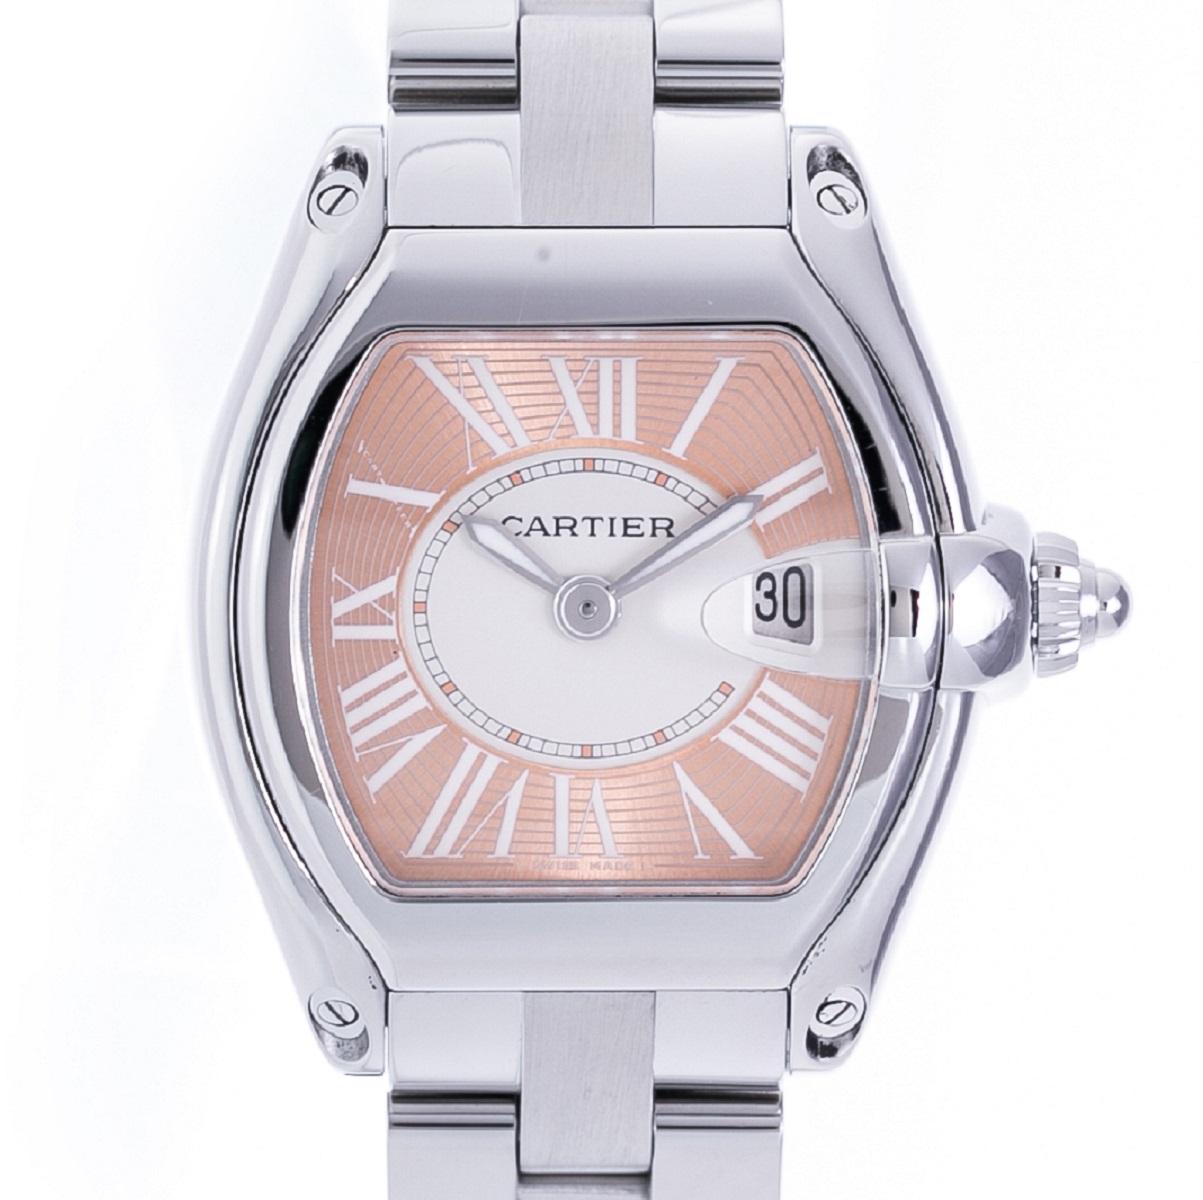 カルティエ Cartier ロードスター SS ステンレス QZ クォーツ 2007年限定品 レディース 腕時計 送料無料 【トレジャースポット】【中古】